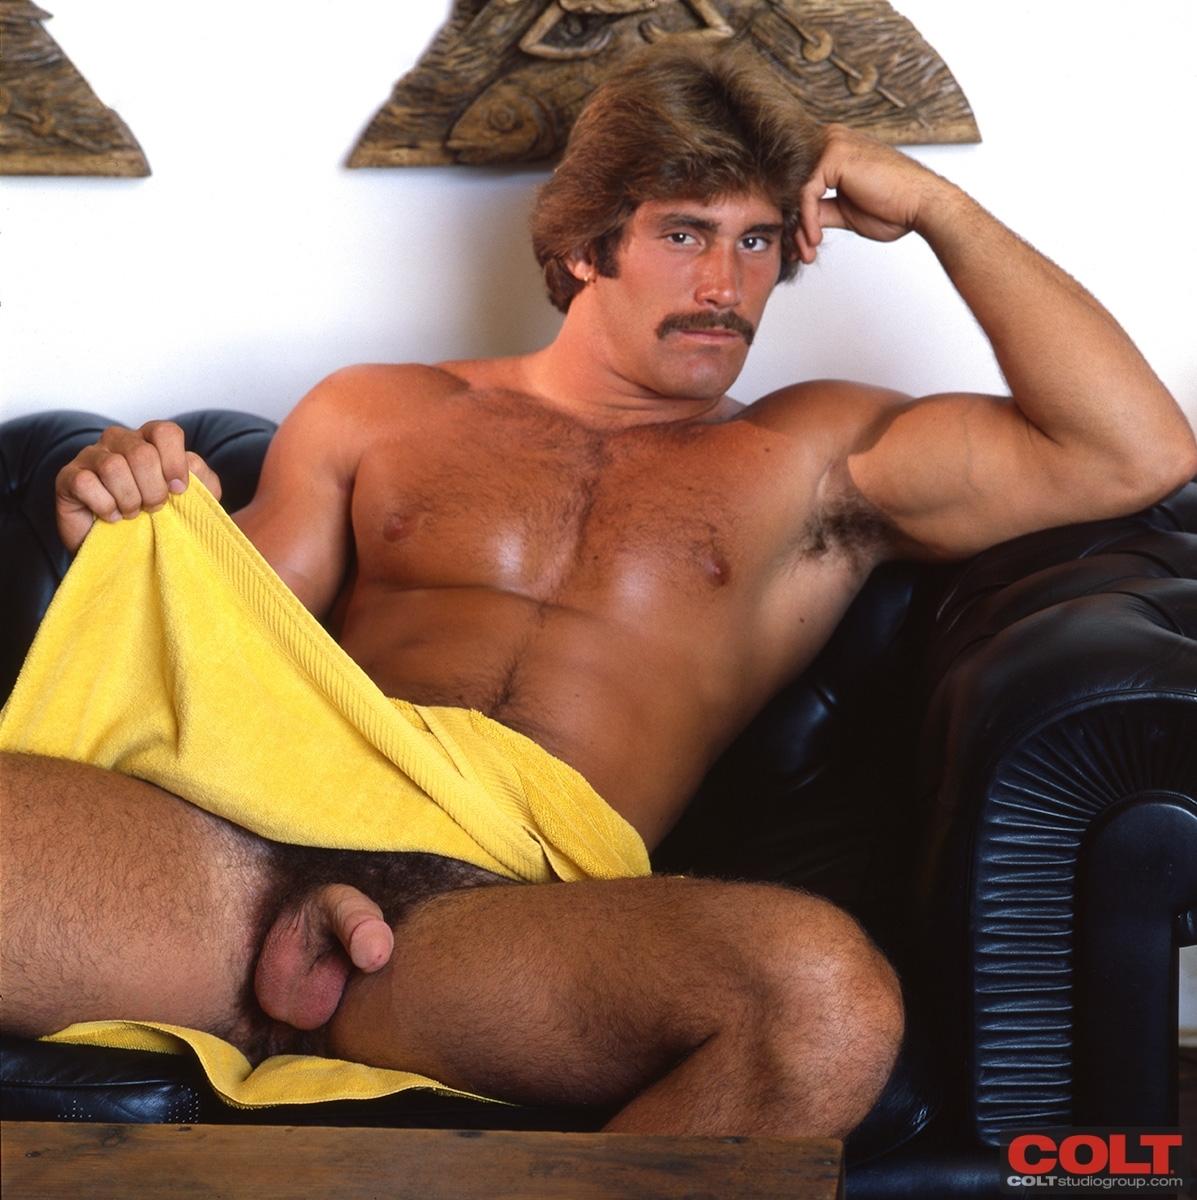 Byron Hawkwood vintage gay hot daddy dude men porn colt